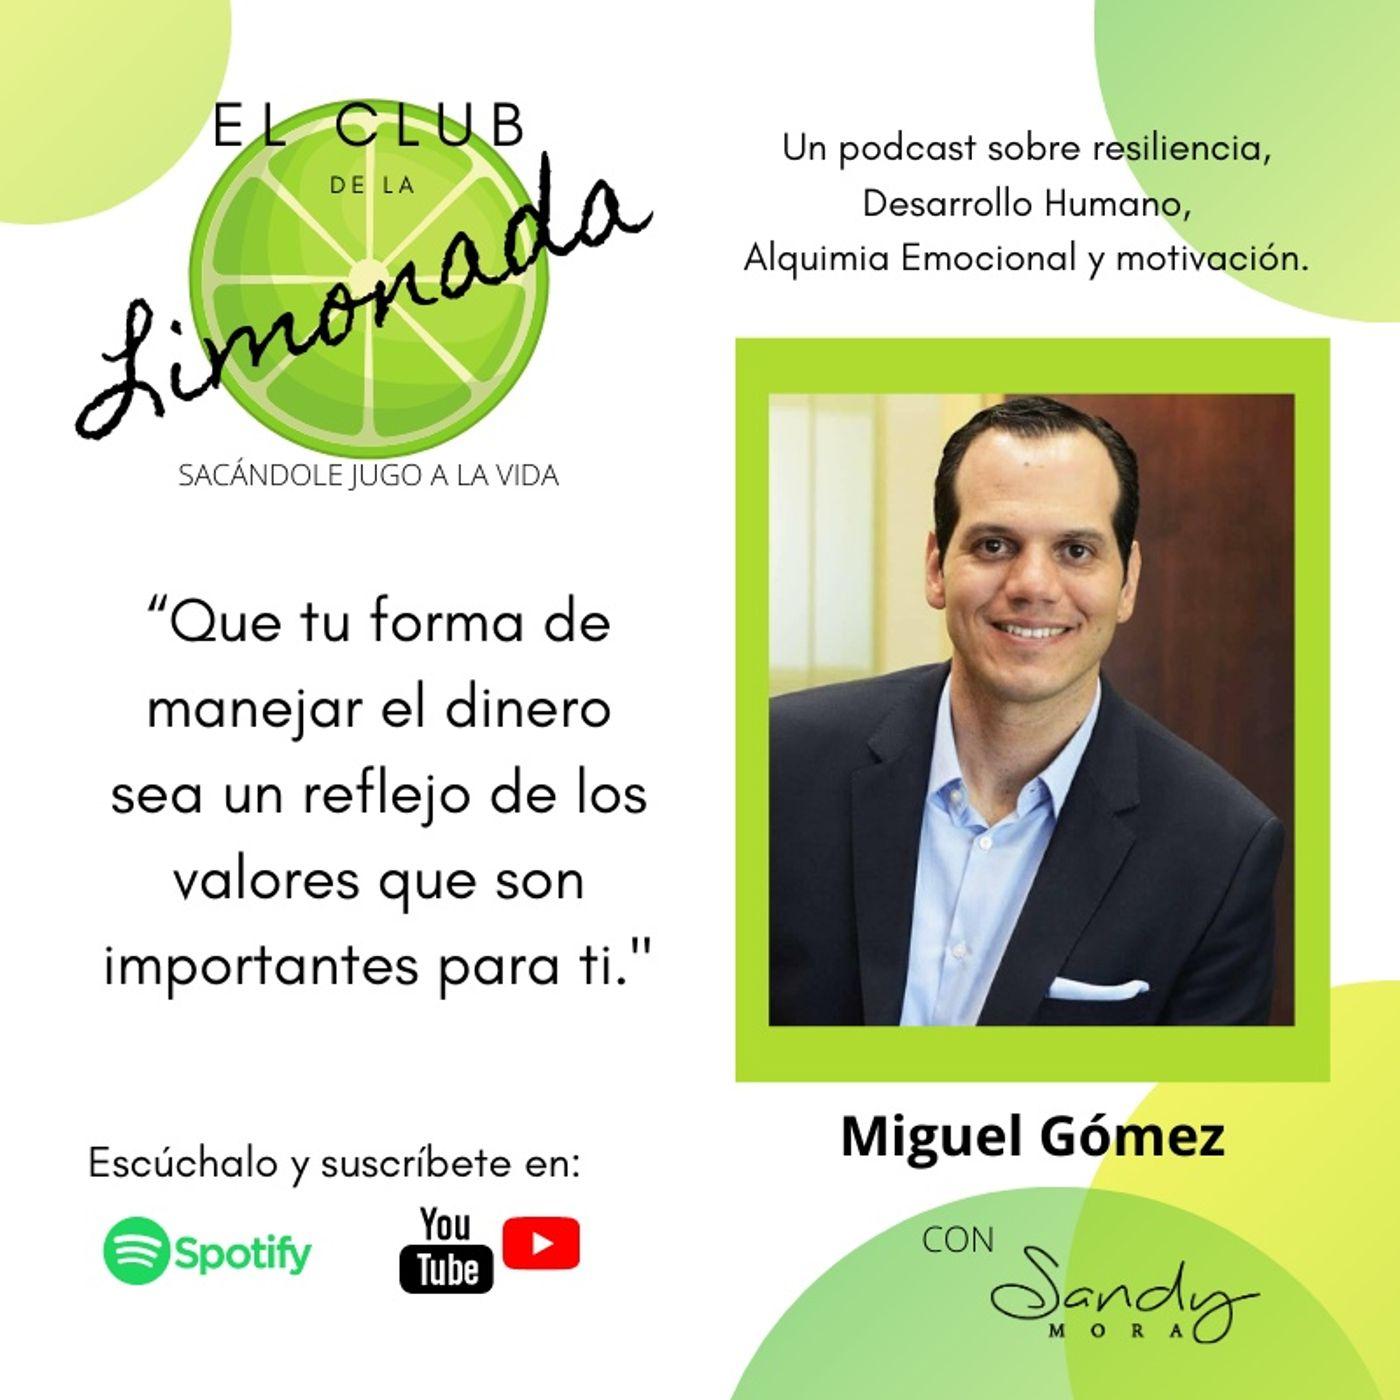 Episodio 39: Miguel Gómez, finanzas personales resilientes